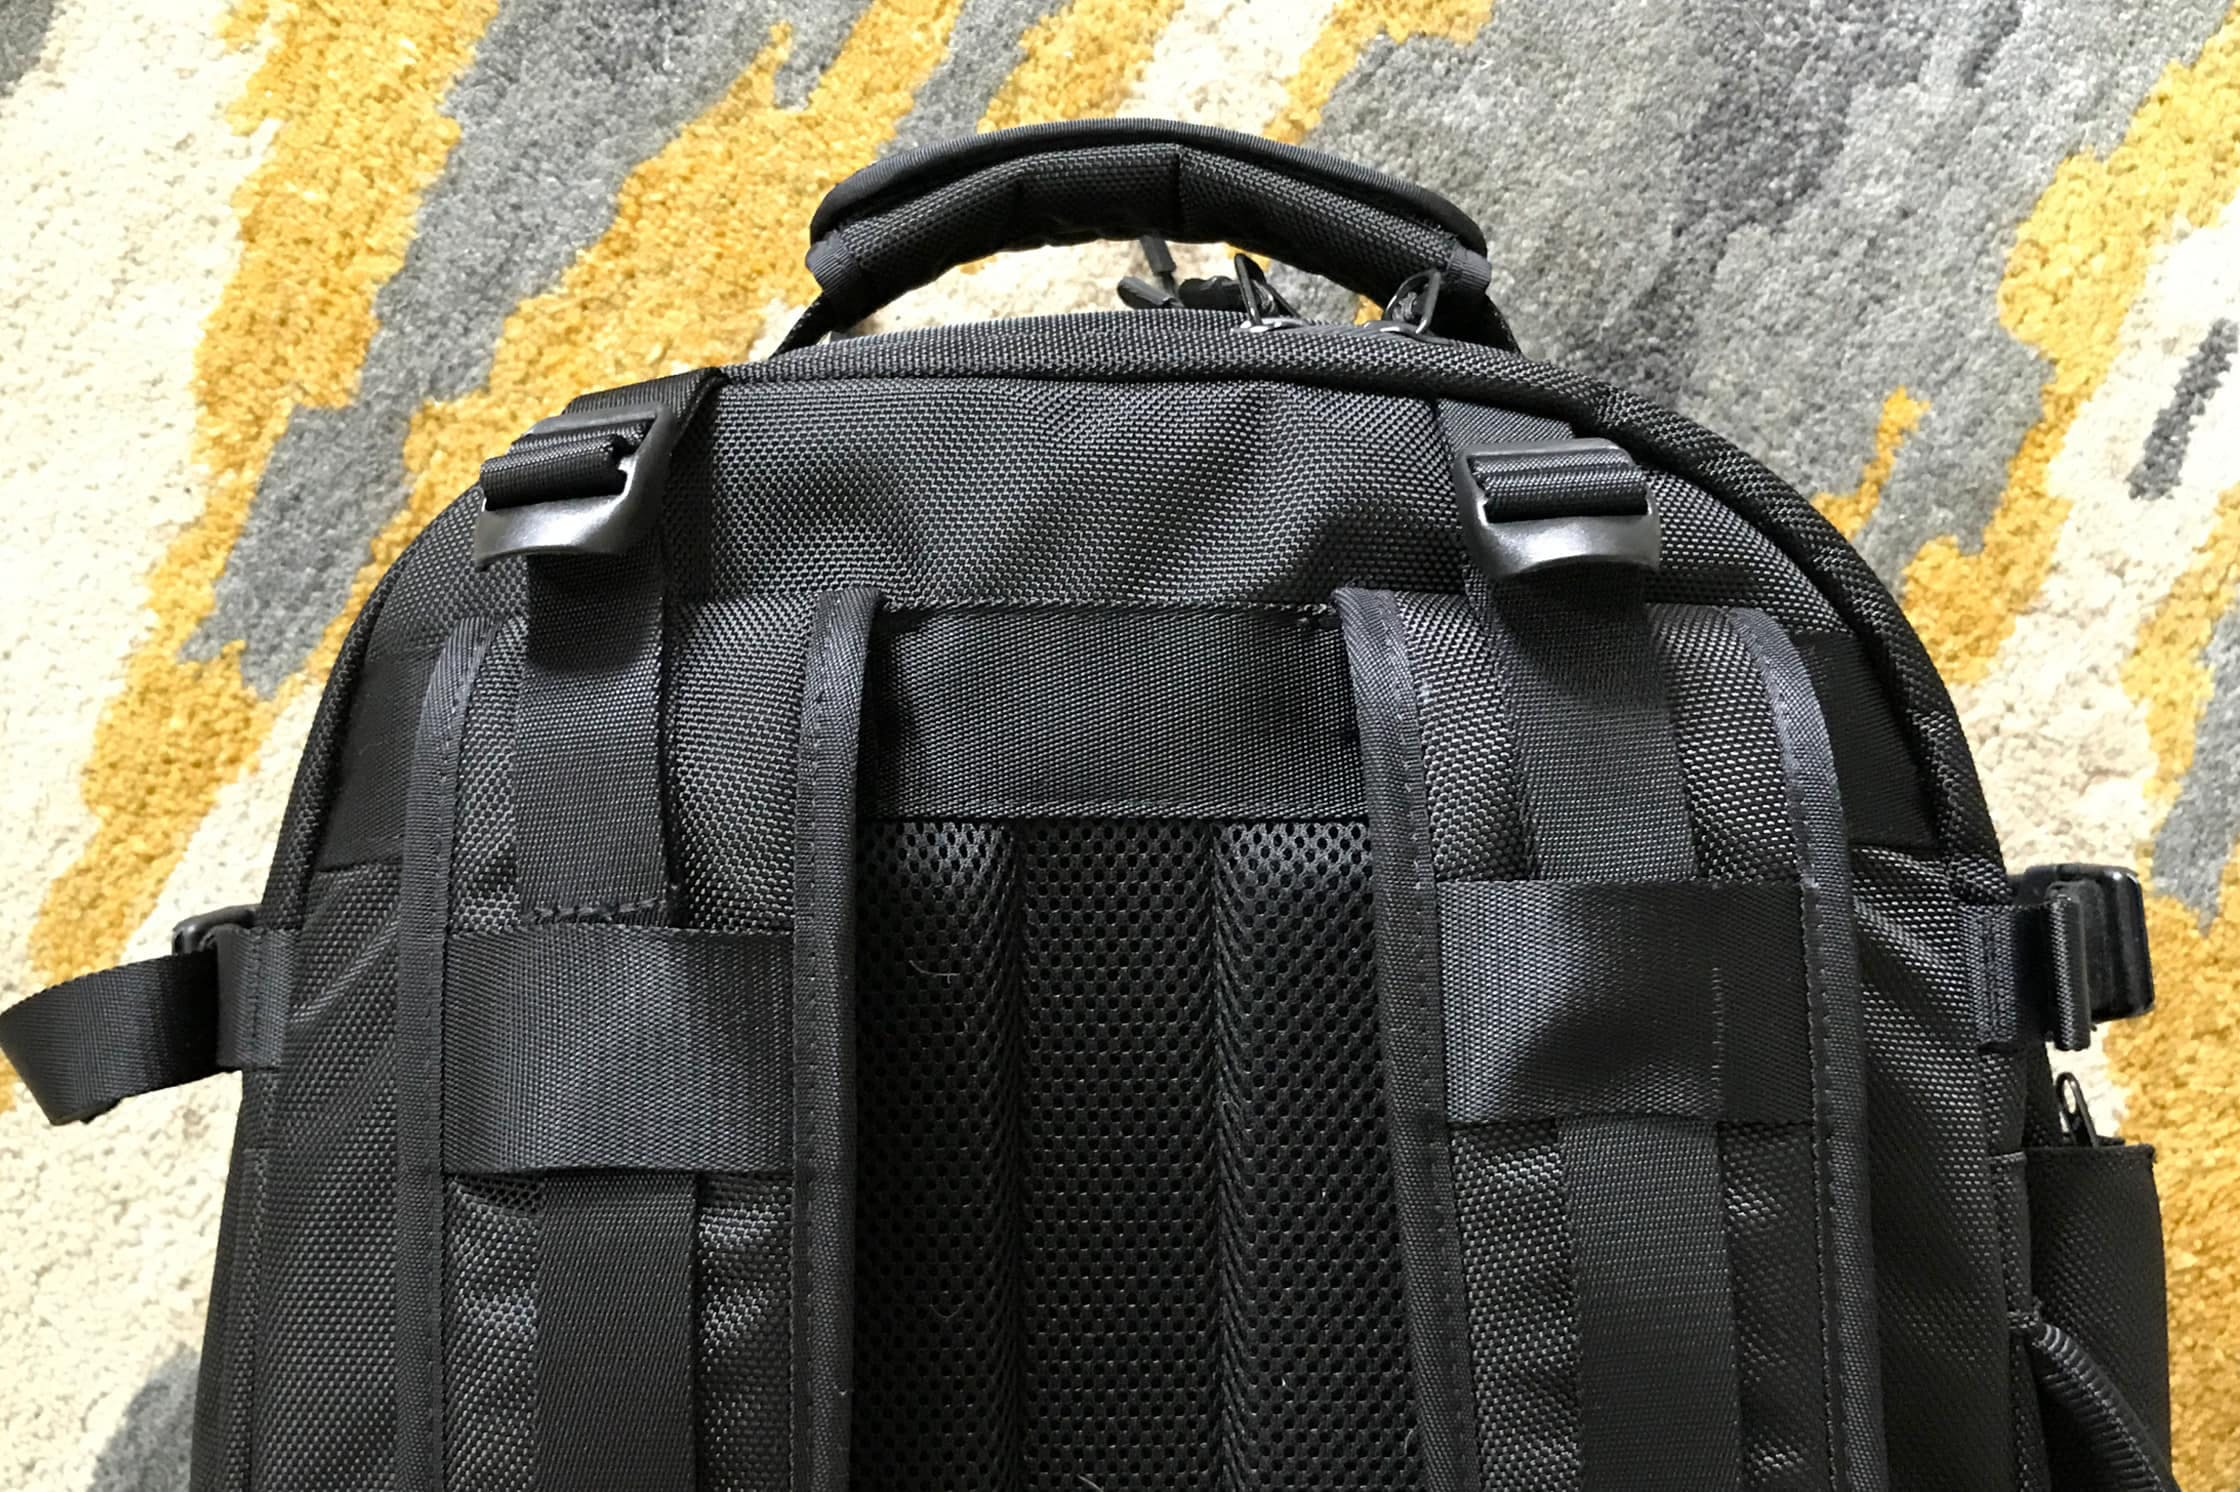 Aer Travel Pack Top Strap Adjustment